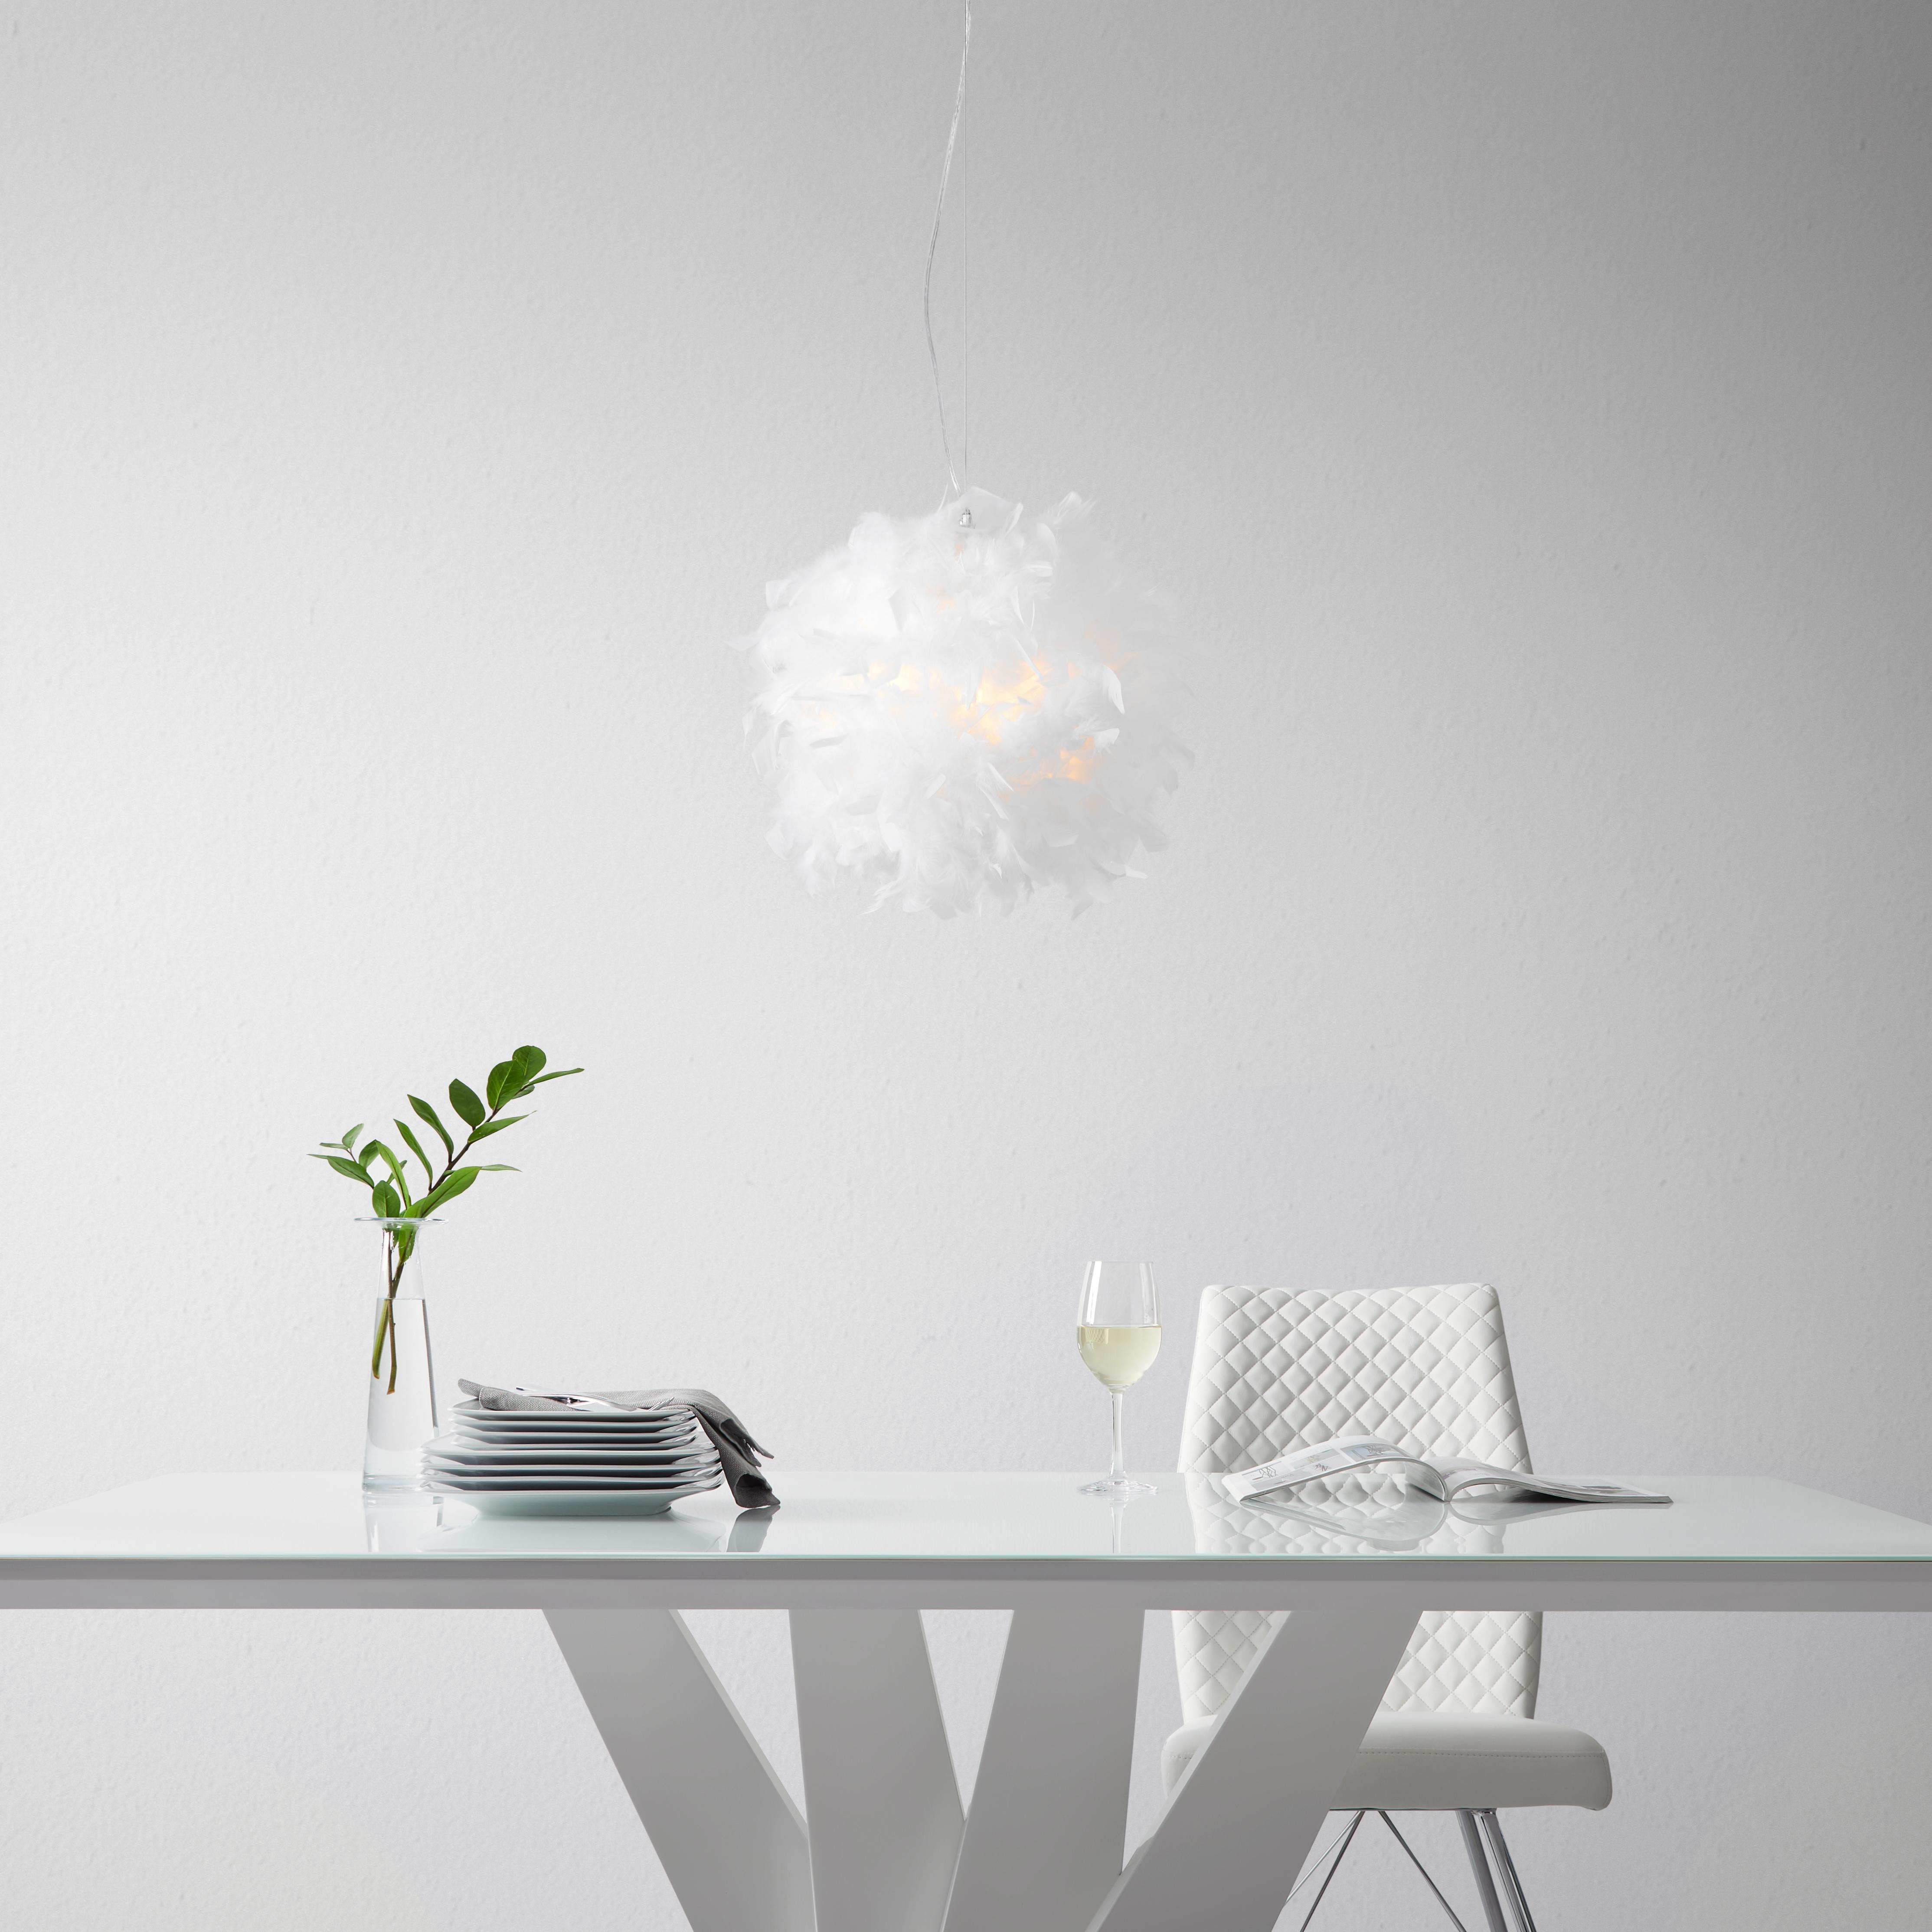 Klassische H/ängeleuchte in Matt Schwarz 5xE14 bis zu 60 Watt 230V aus Metall Schlafzimmer K/üche Wohnzimmer Esszimmer Lampe Leuchten innen